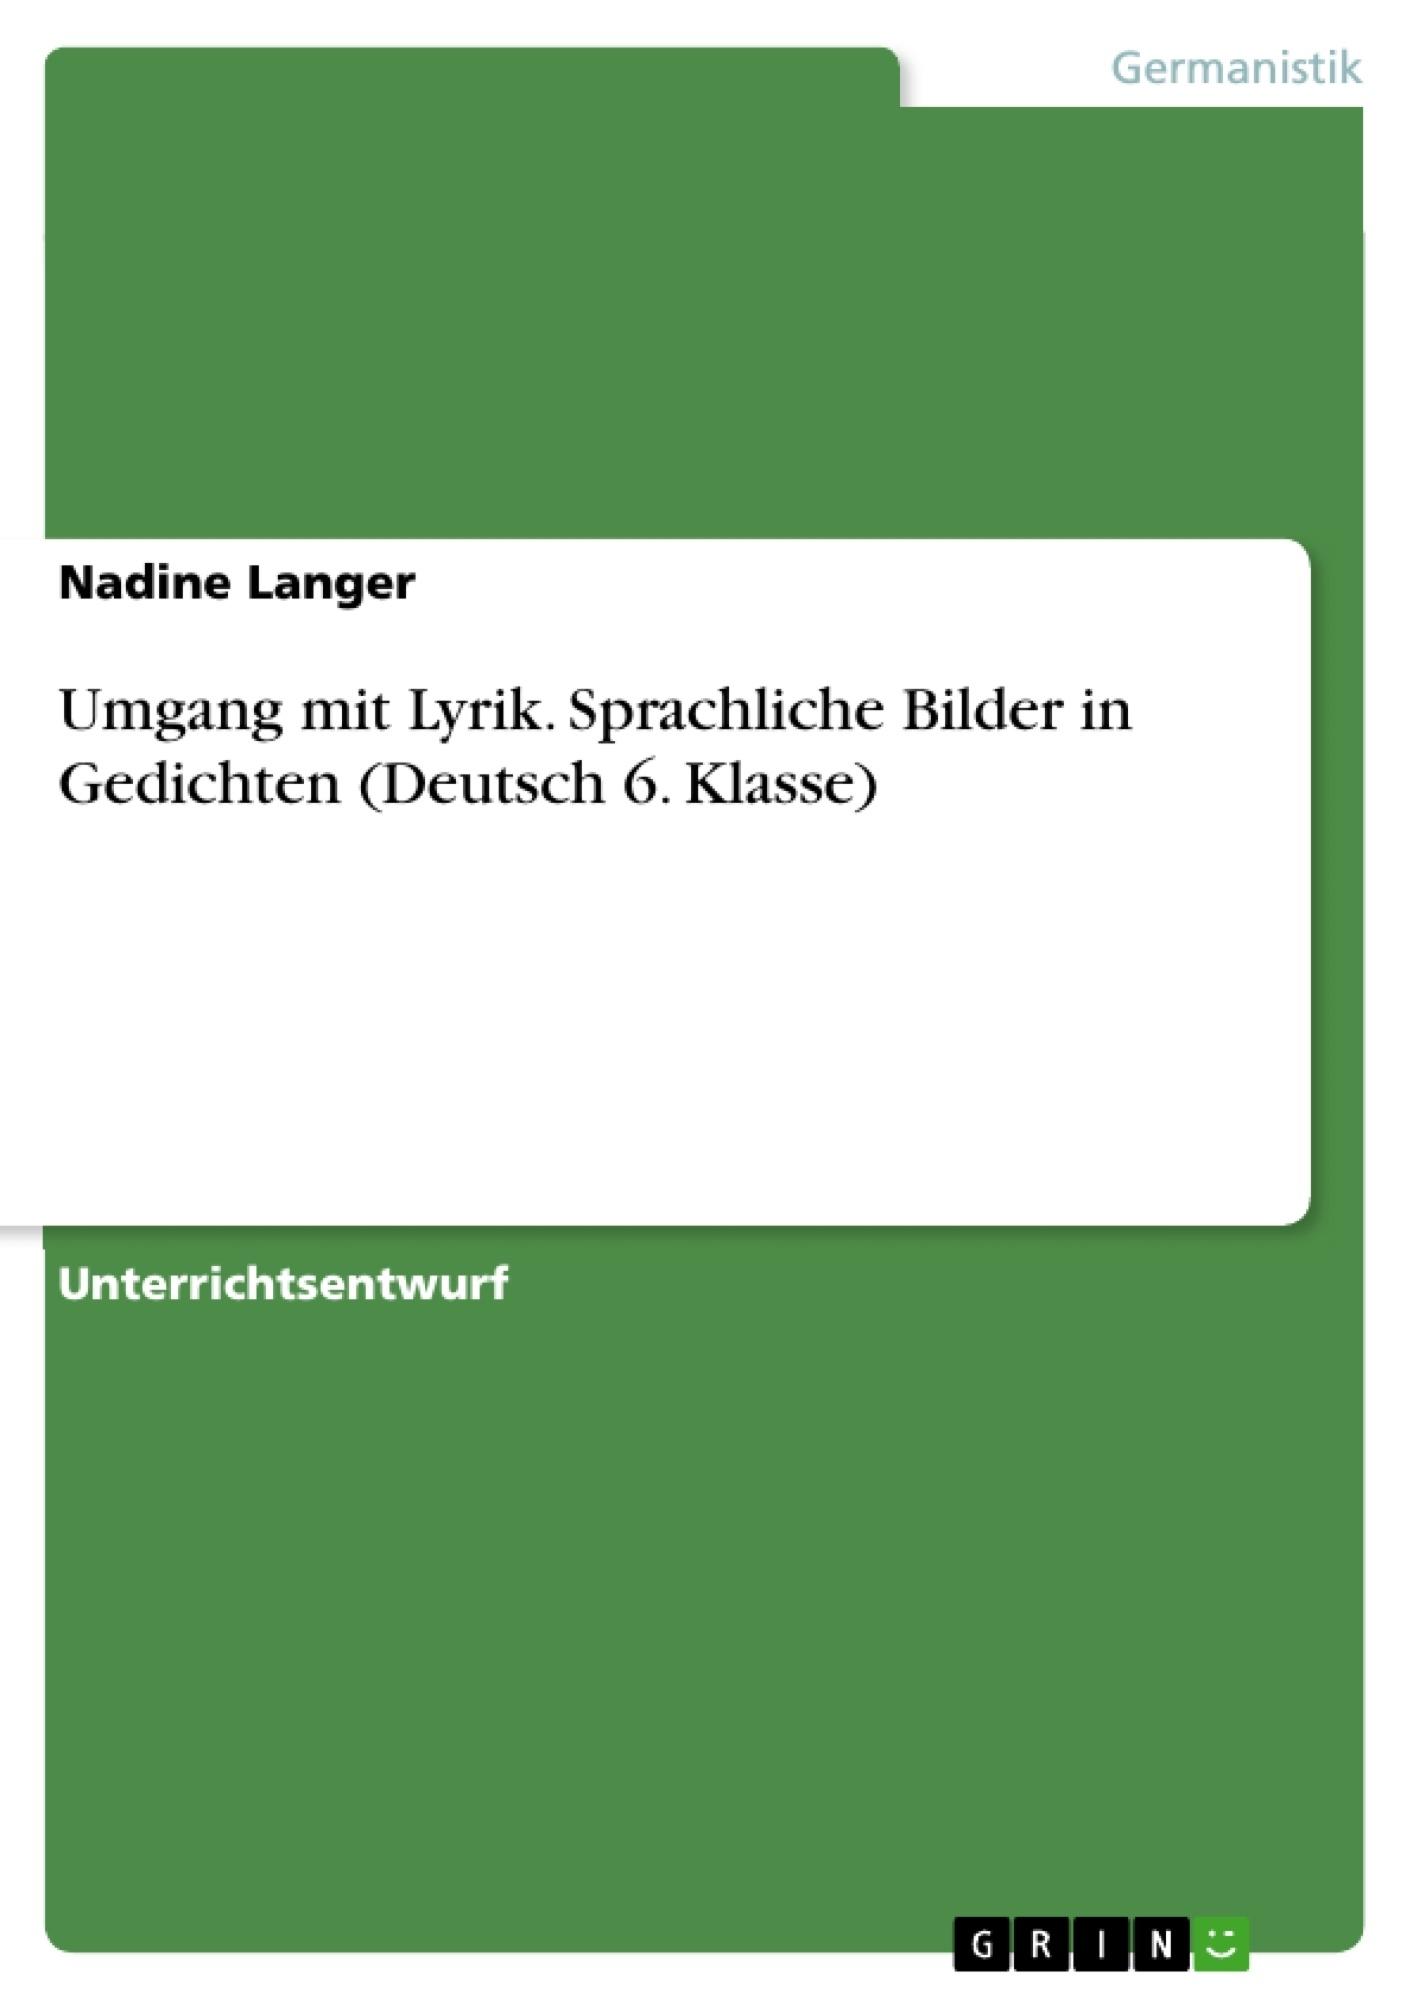 Umgang mit Lyrik. Sprachliche Bilder in Gedichten (Deutsch 6. Klasse ...